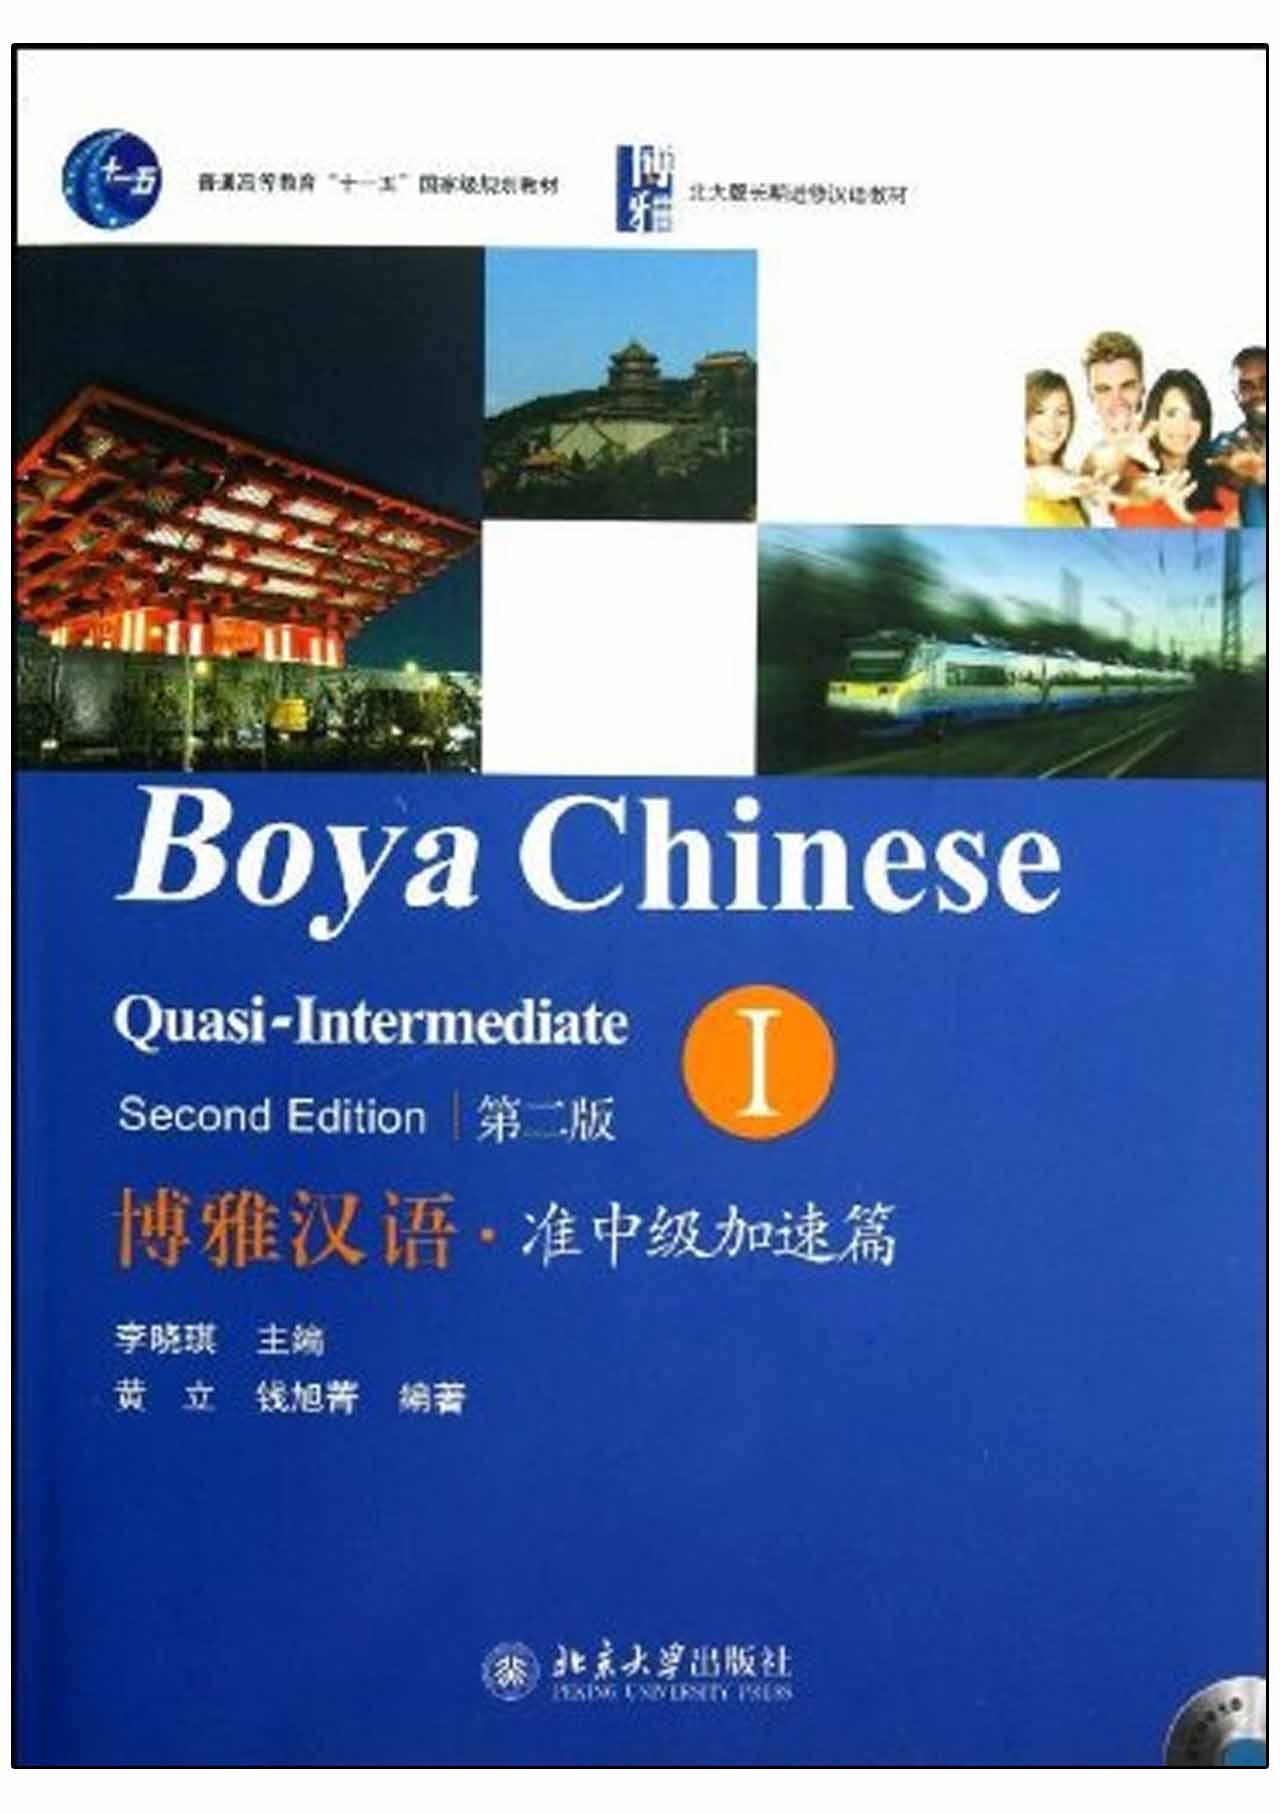 แบบเรียนภาษาจีน Boya Chinese Quasi-Intermediate Vol.1 (2nd ed.)